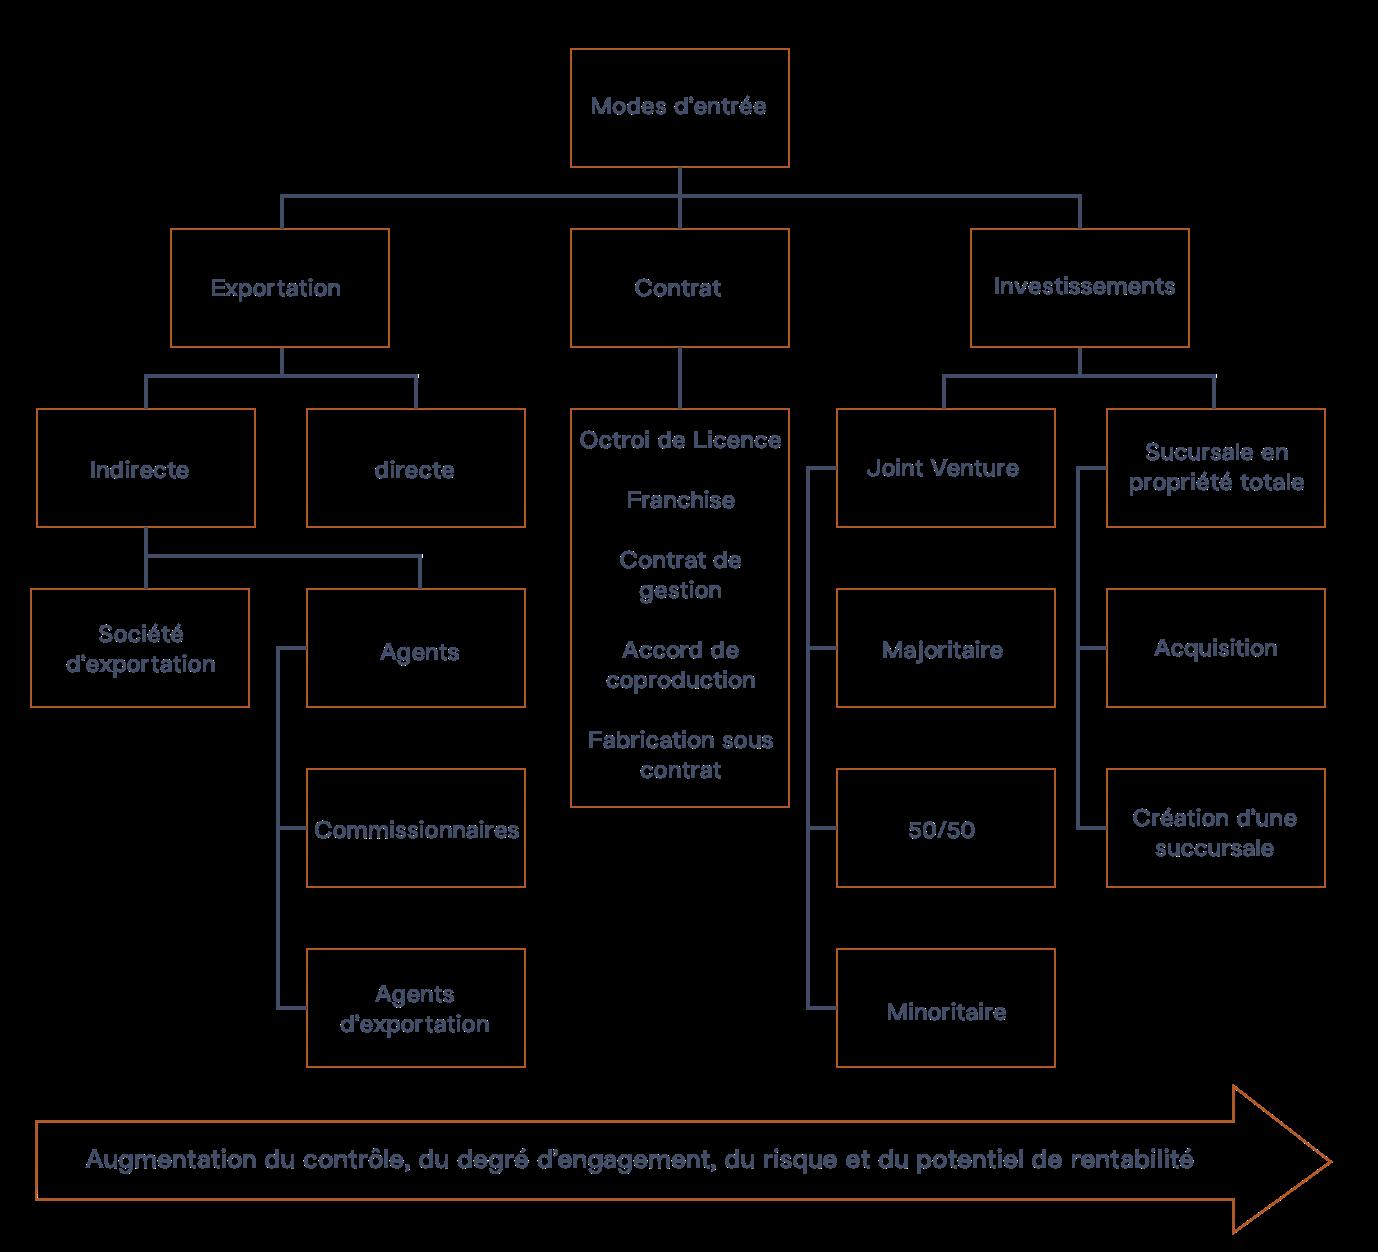 Choisir un mode d'entrée: Exportation, contrat, investissement